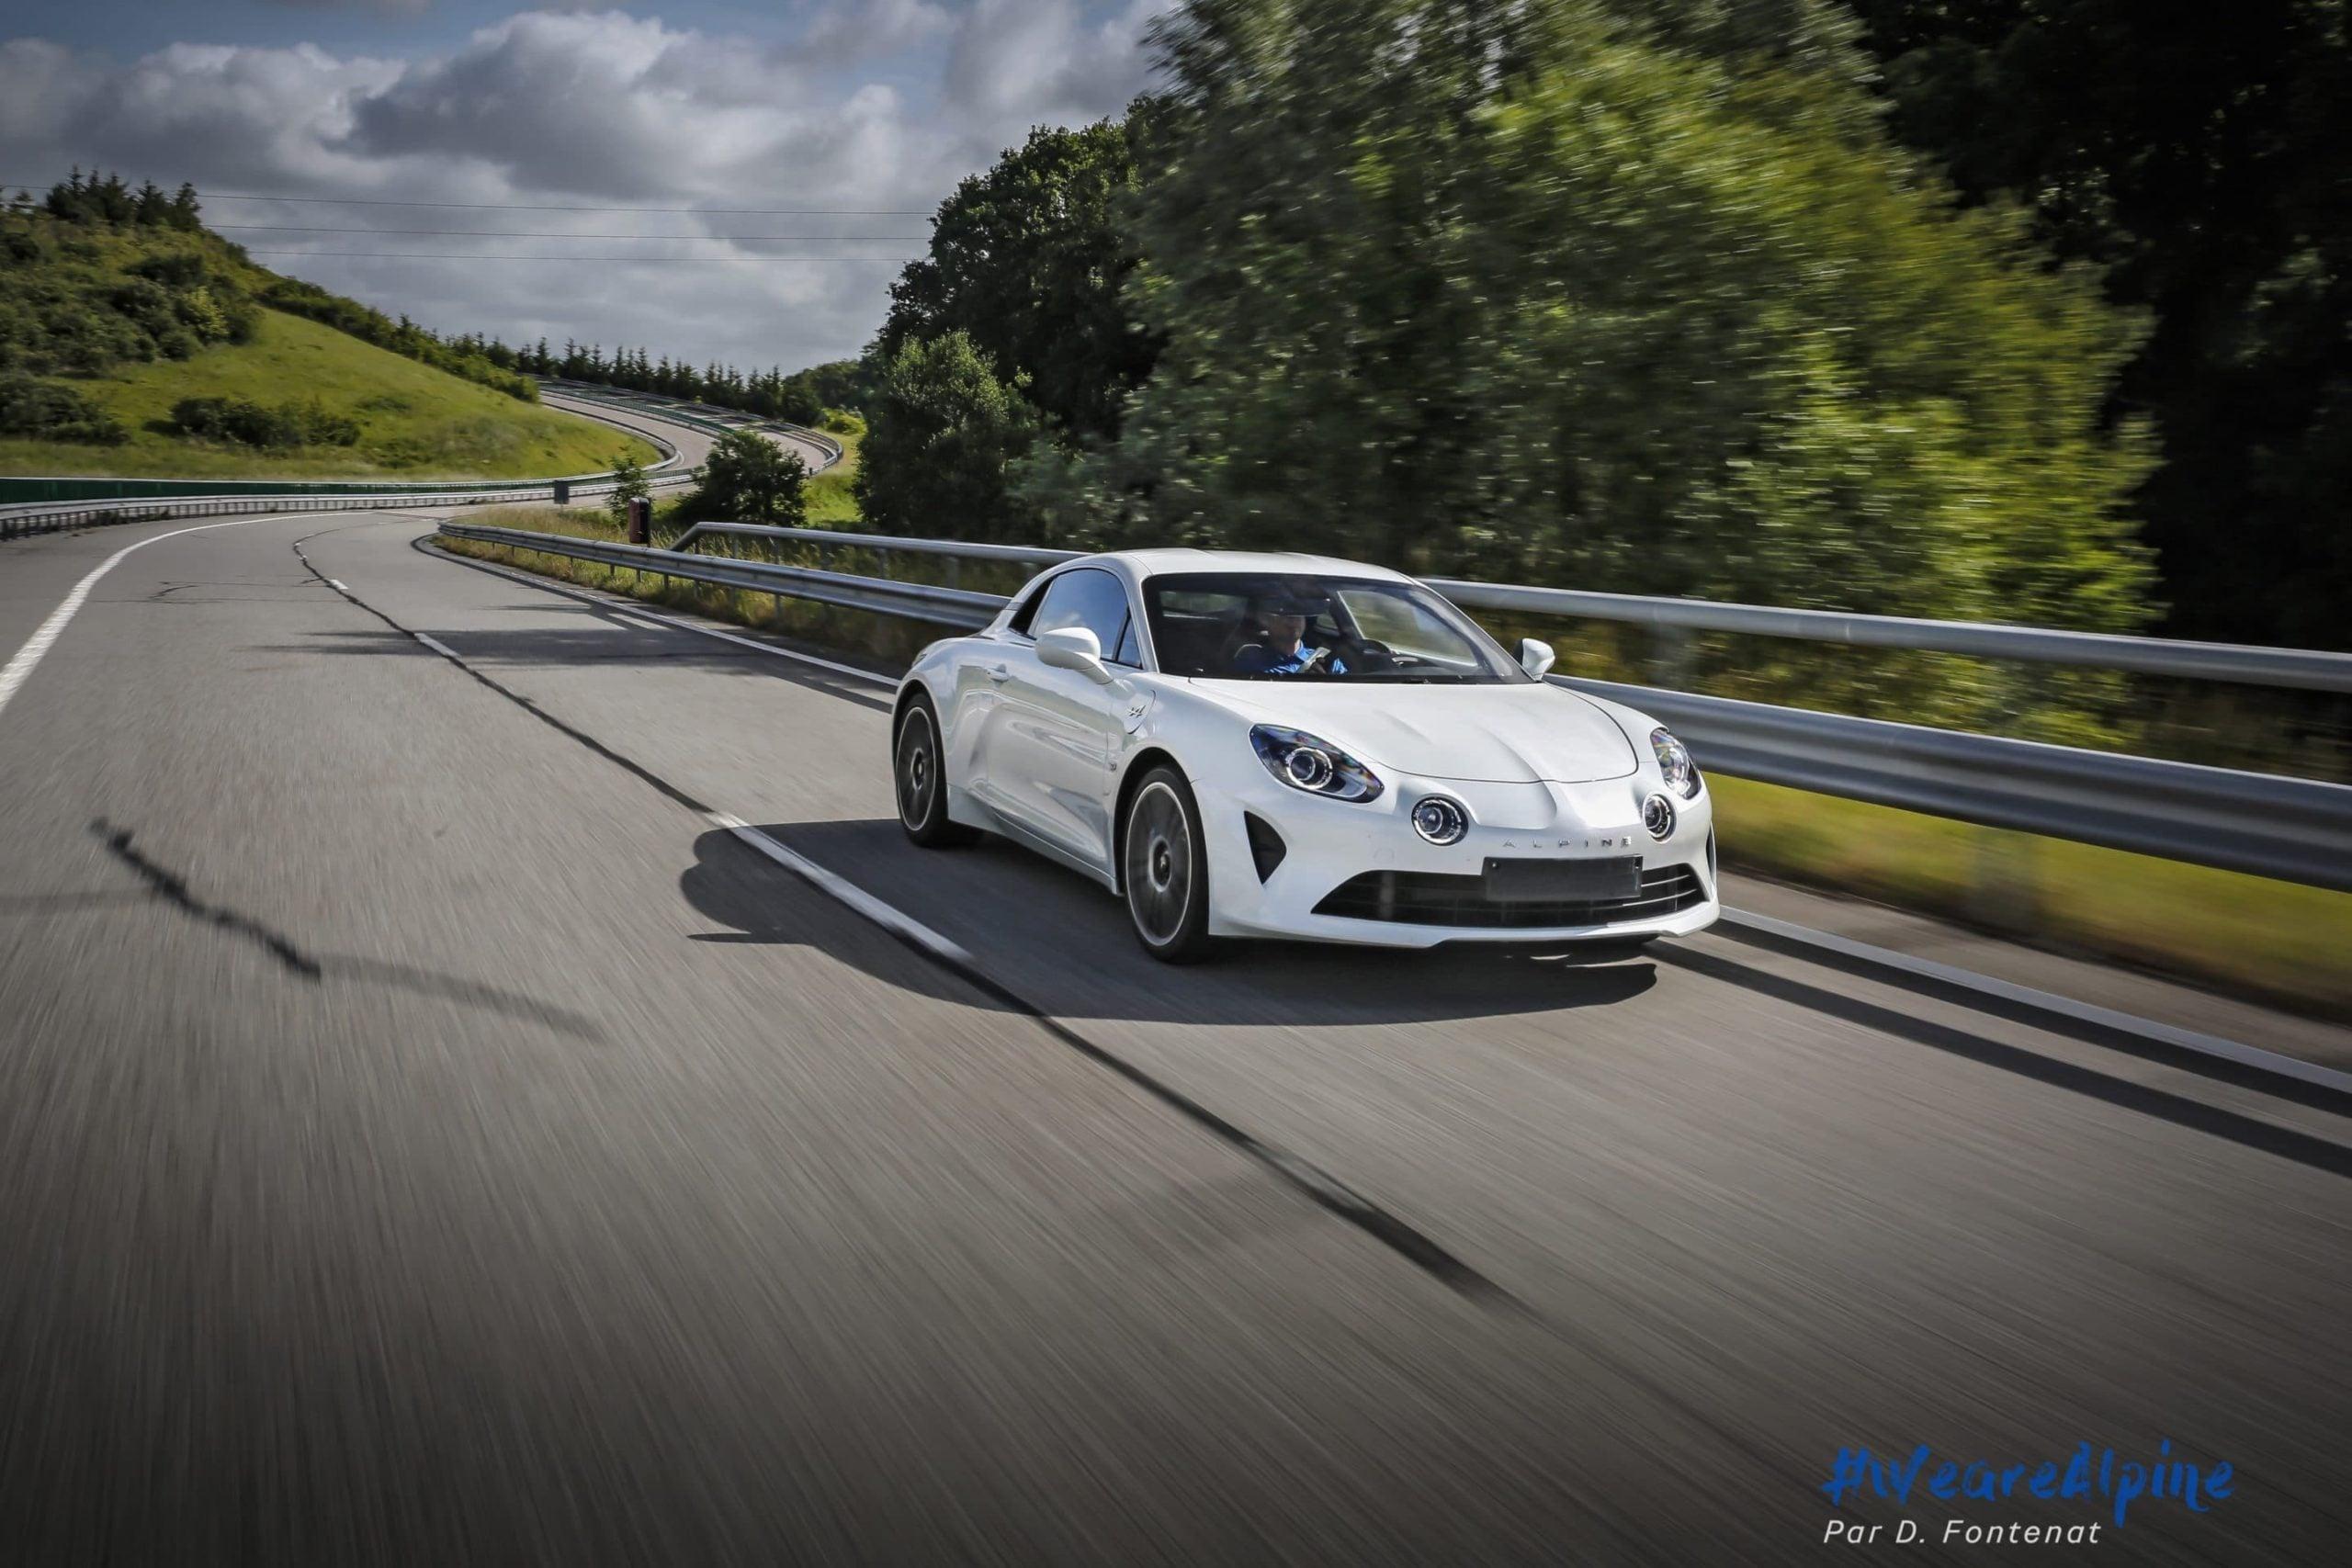 DF18666©D.Fontenat scaled | Essai vidéo de la nouvelle Alpine A110 sur circuit en exclusivité mondiale !